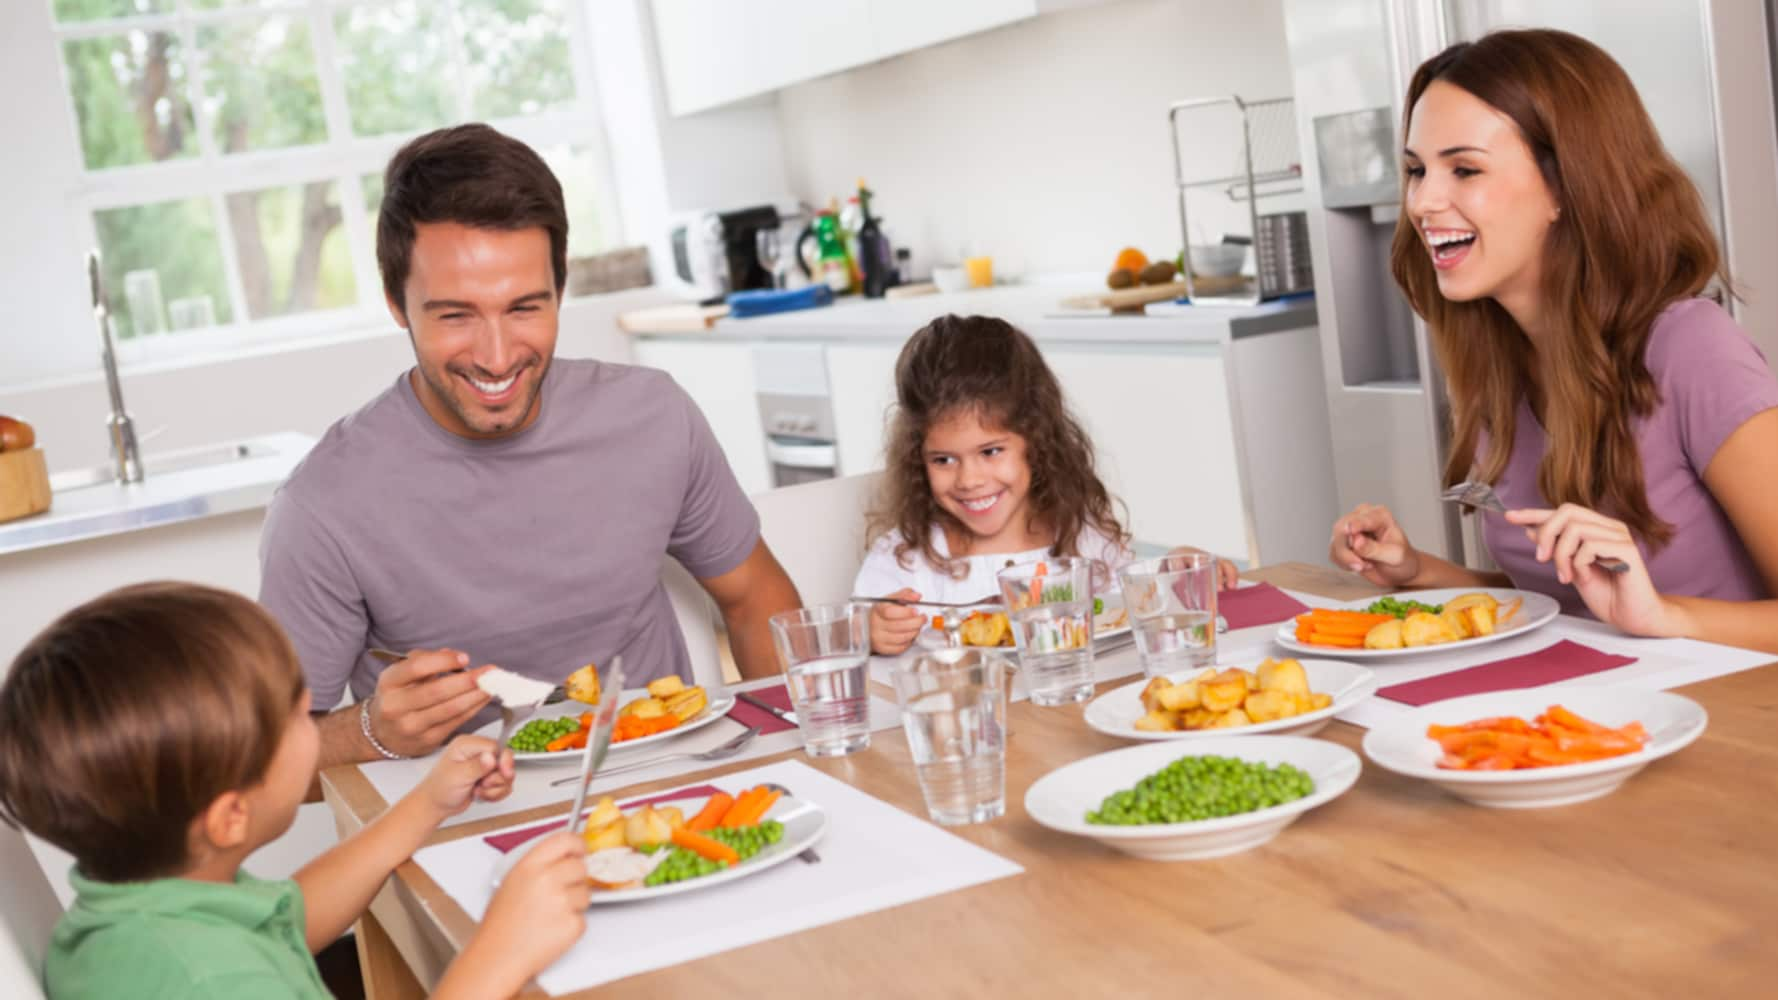 容量|家族で使うなら2リットル程度を目安に